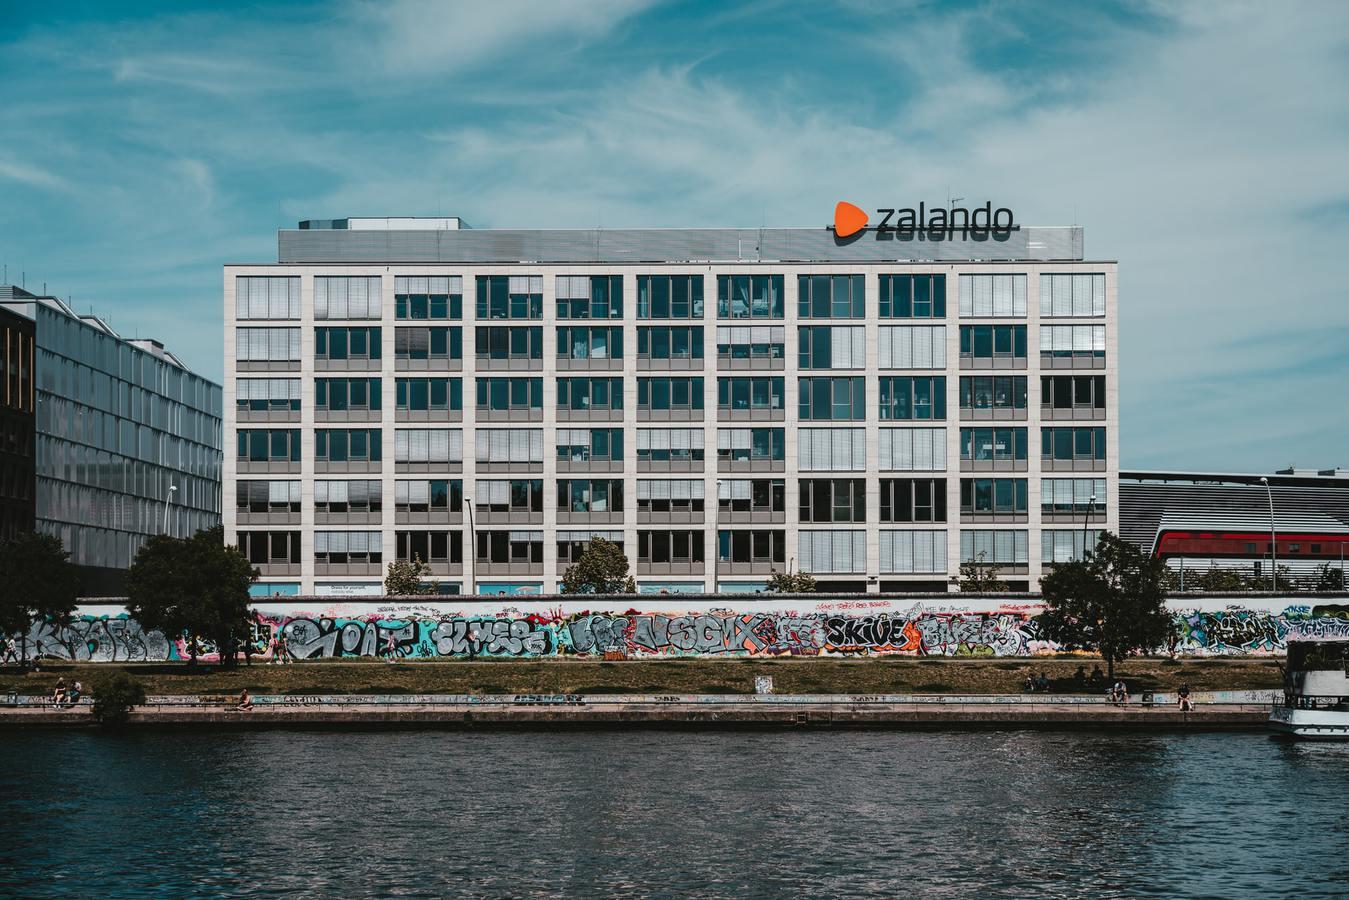 Ufficio Zalando a Berlino